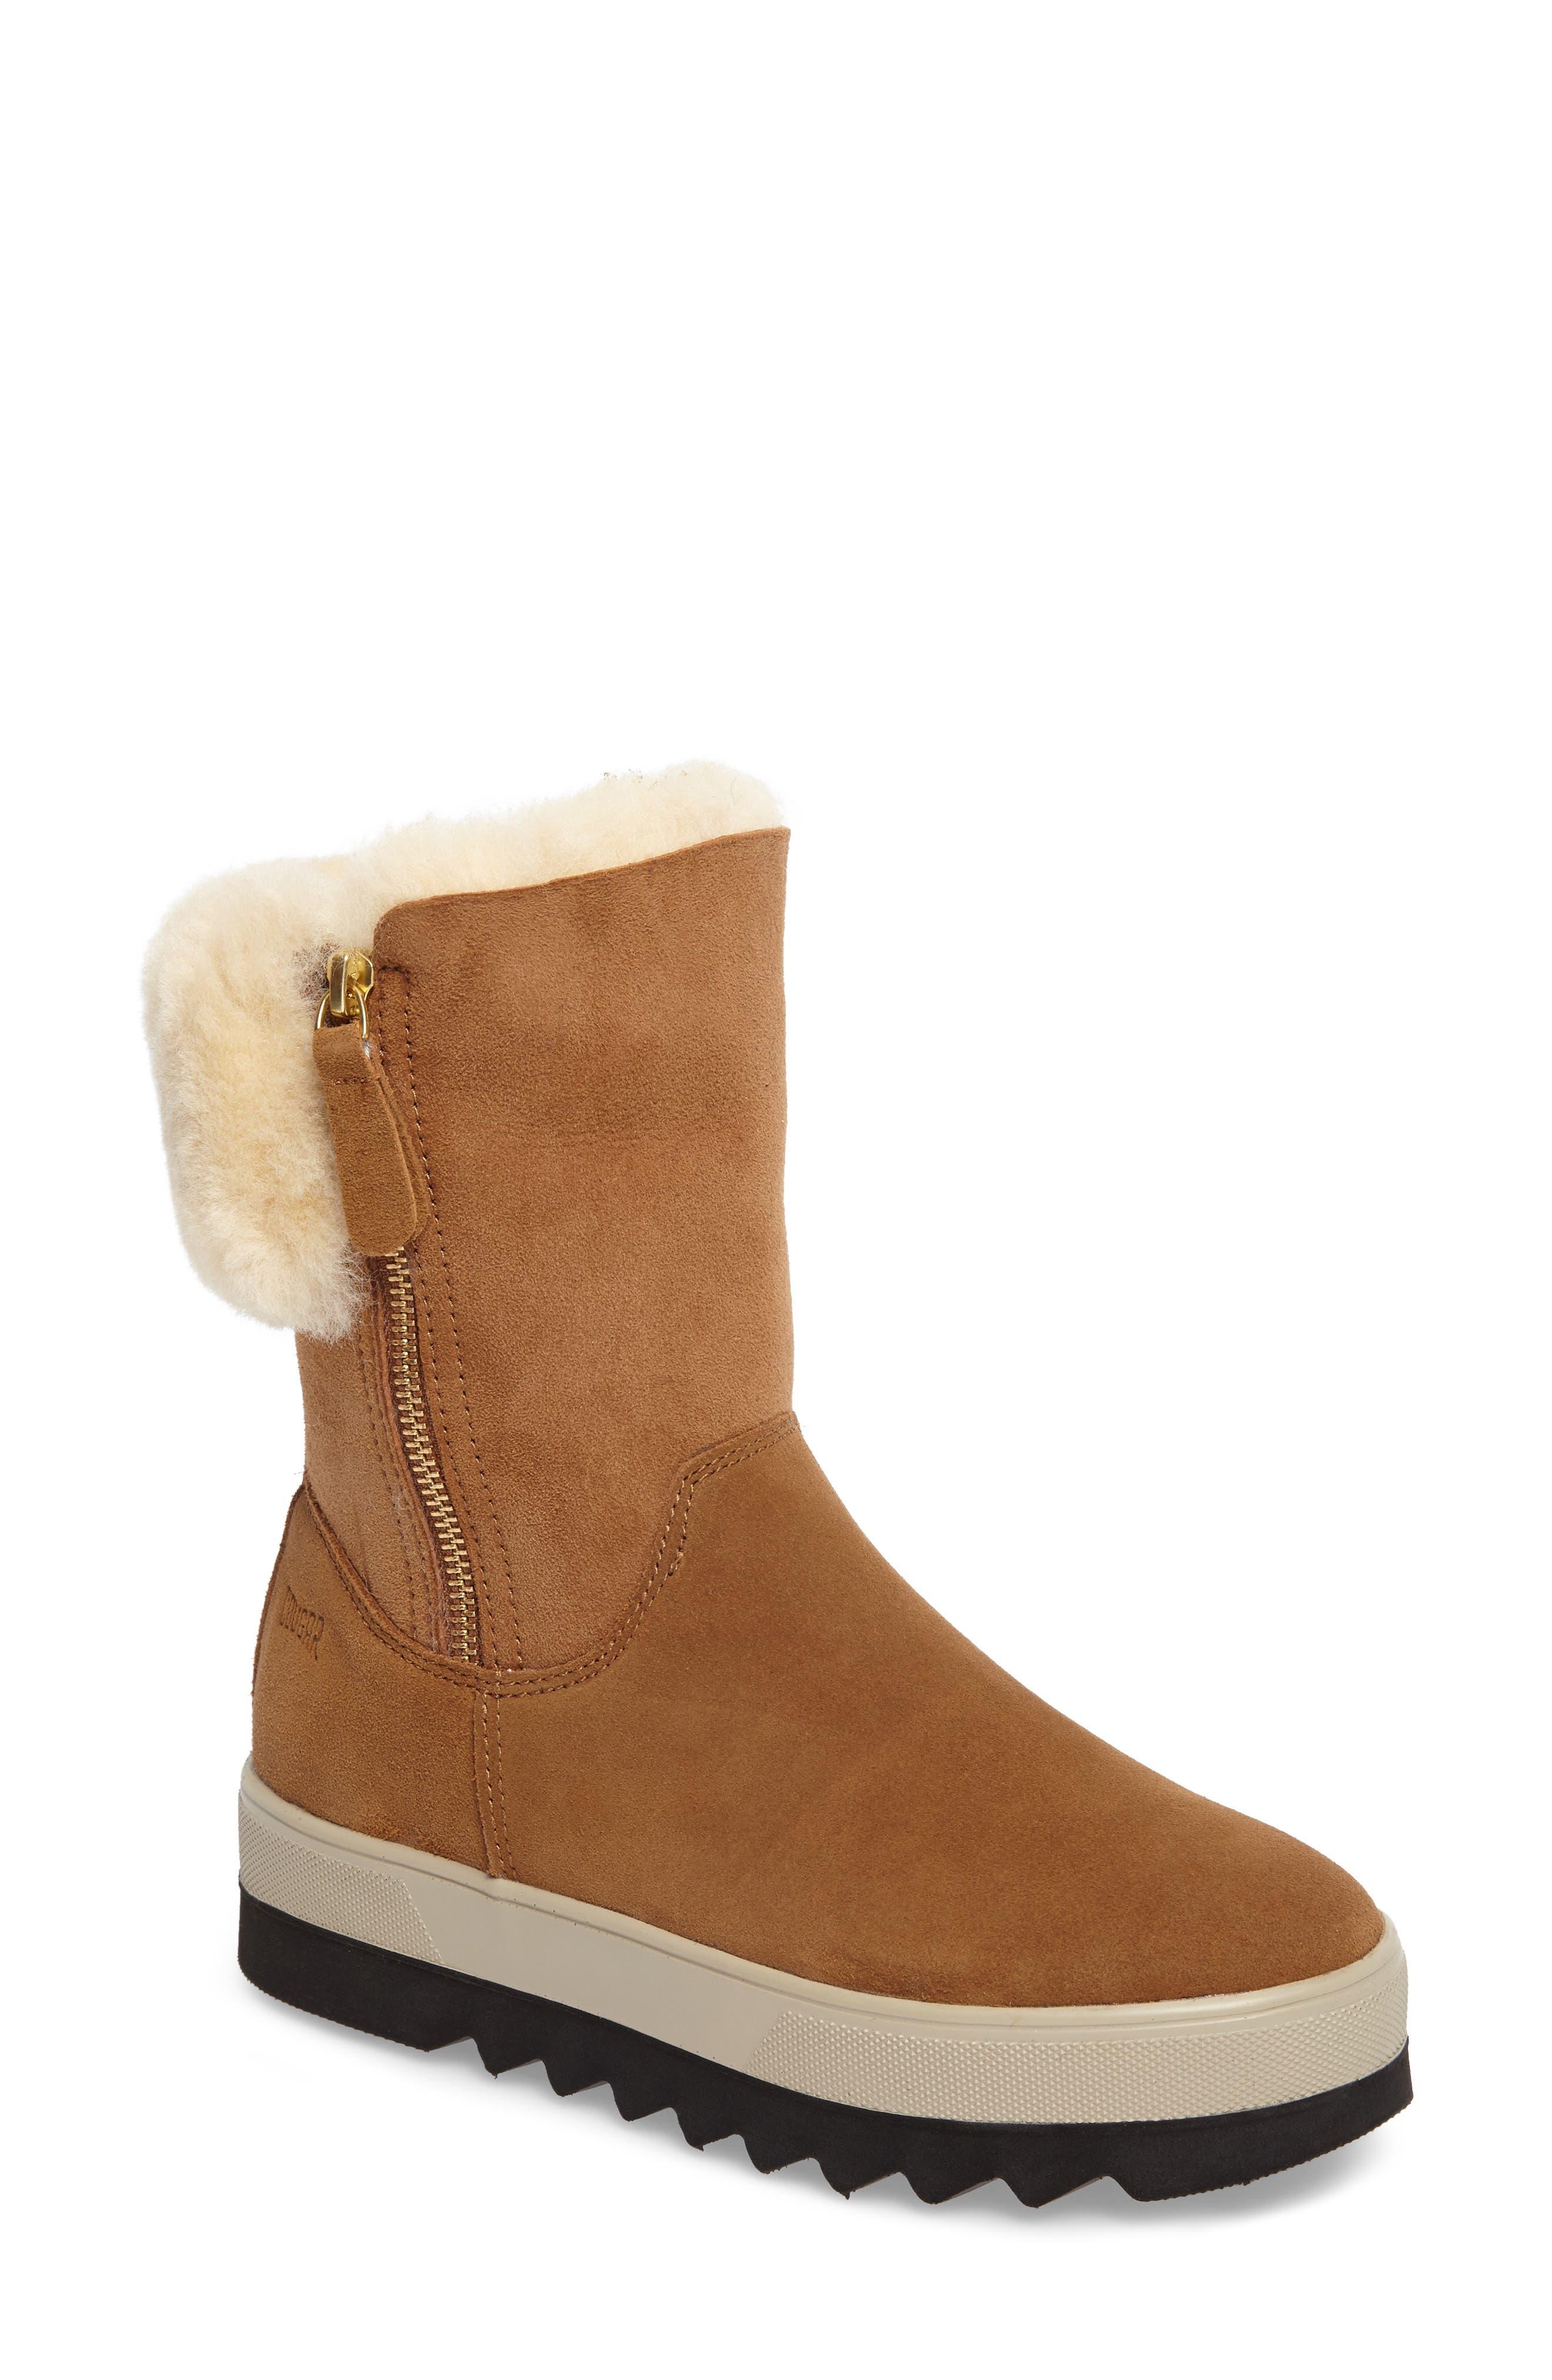 Alternate Image 1 Selected - Cougar Vera Genuine Shearling Boot (Women)